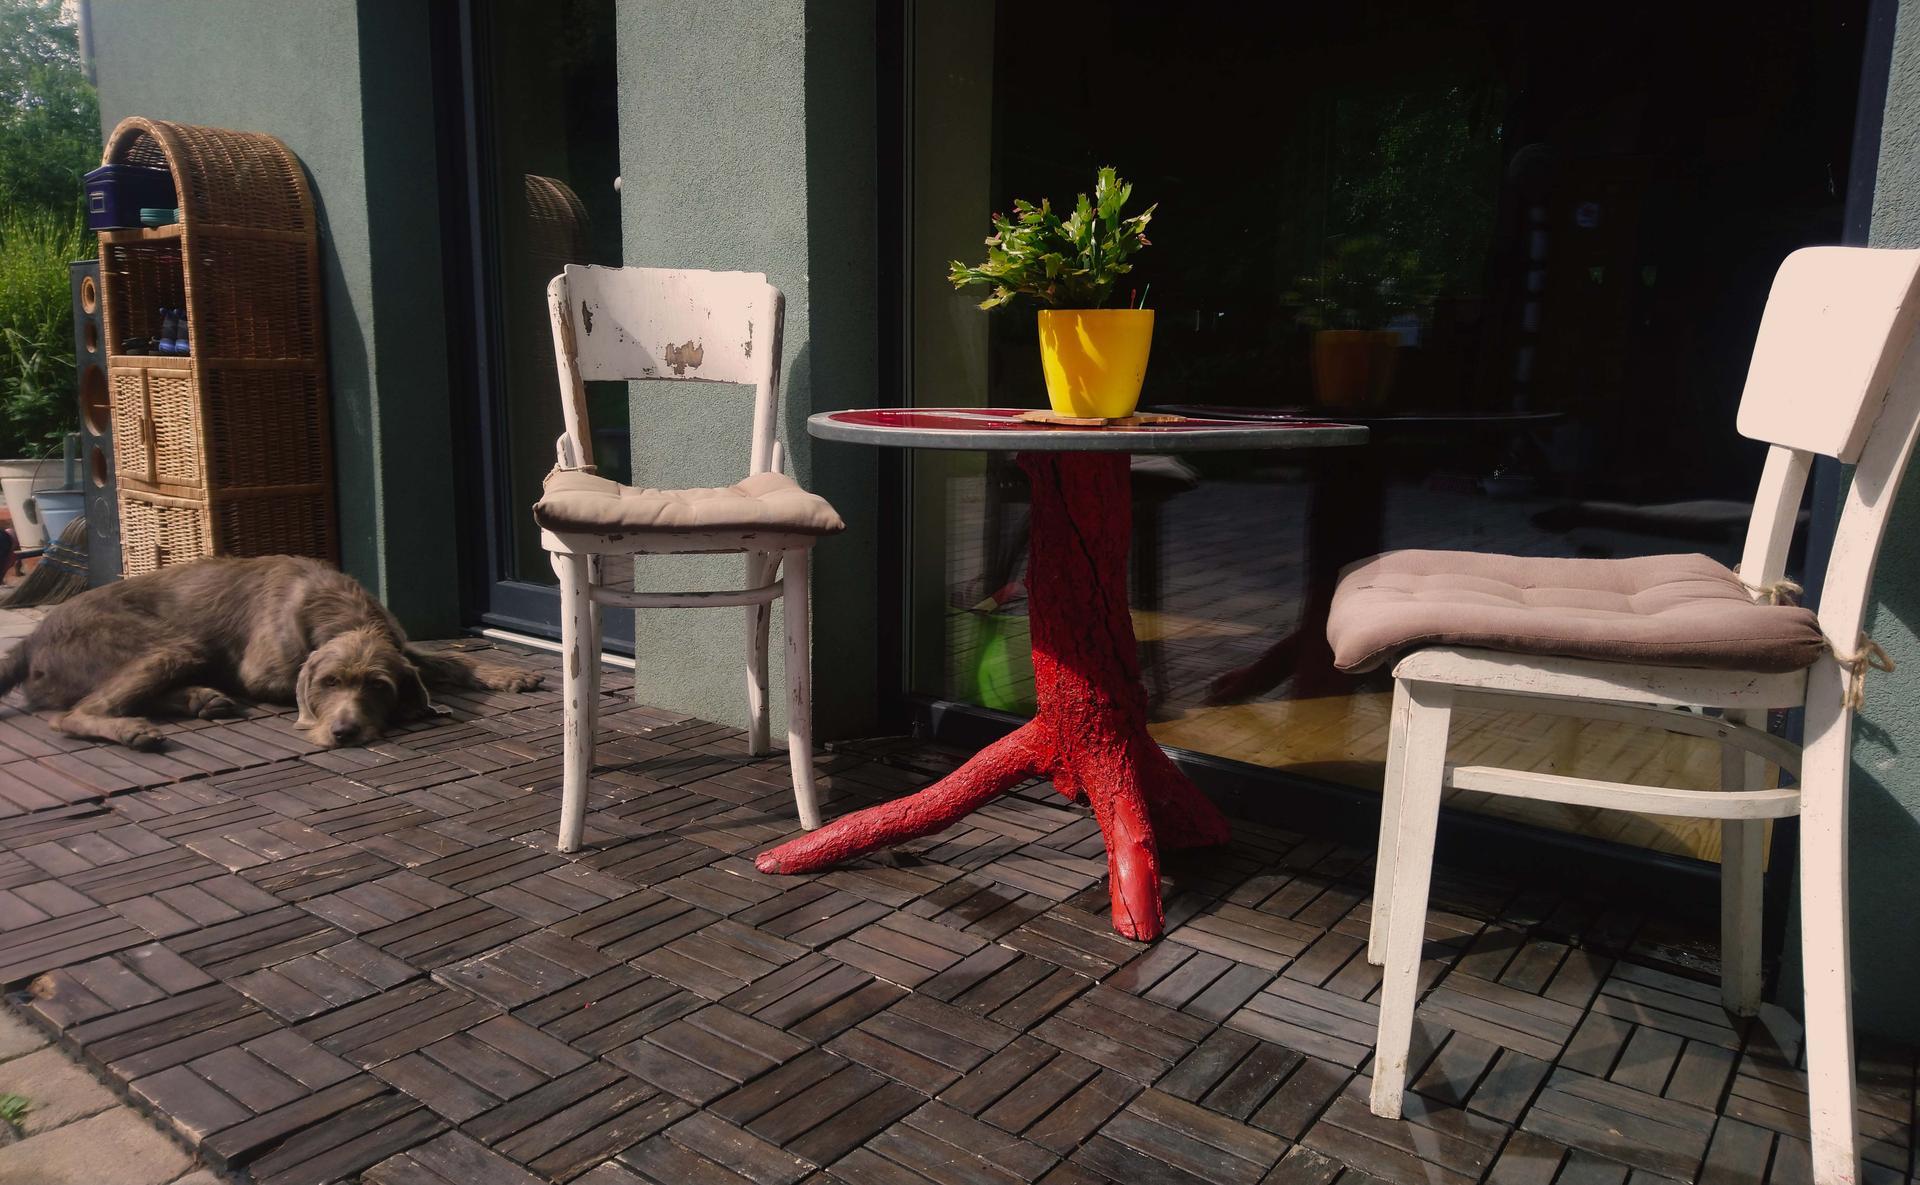 """V zelenom dome - Všetko na tejto fotke našej kávičkovej terasy je viacmenej od """"smeťáku"""". Teda okrem pána čokla :-D. Drevenná podlaha vyzerala hrozne, ale jemné prebrúsenie a náter spravili vela, ešte pár rokov poslúži. A je príjemná naboso"""